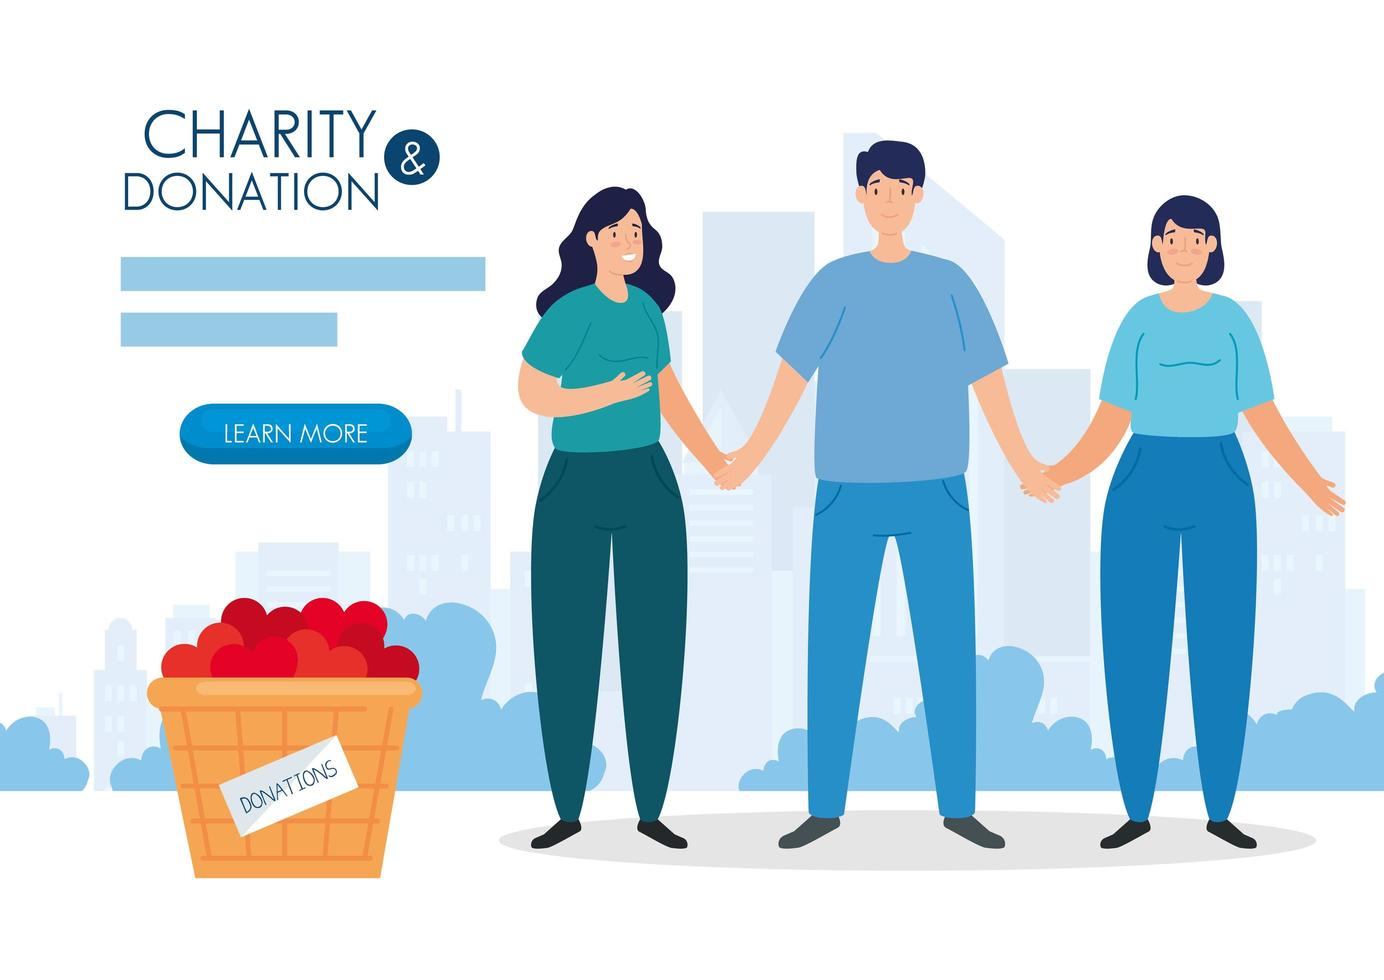 människor med korg för välgörenhet och donation vektor